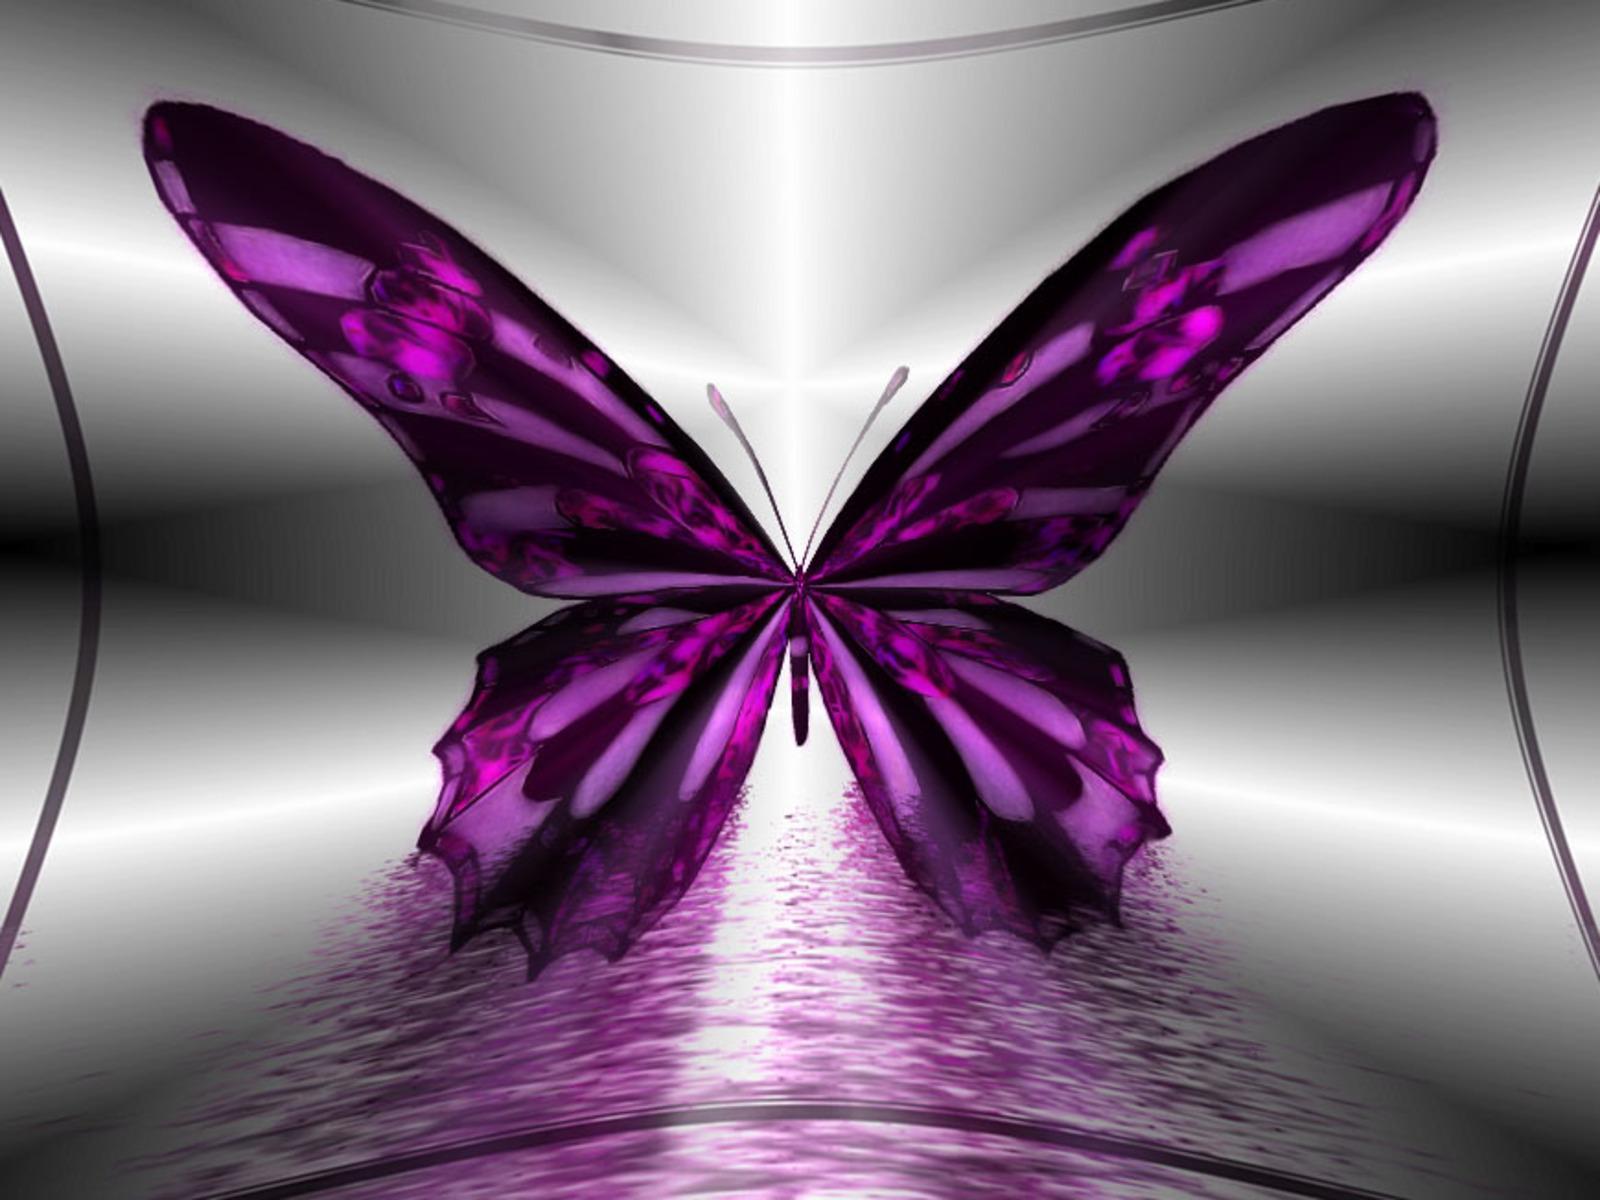 amazing-purple-butterfly-hd-pc-wallpaper